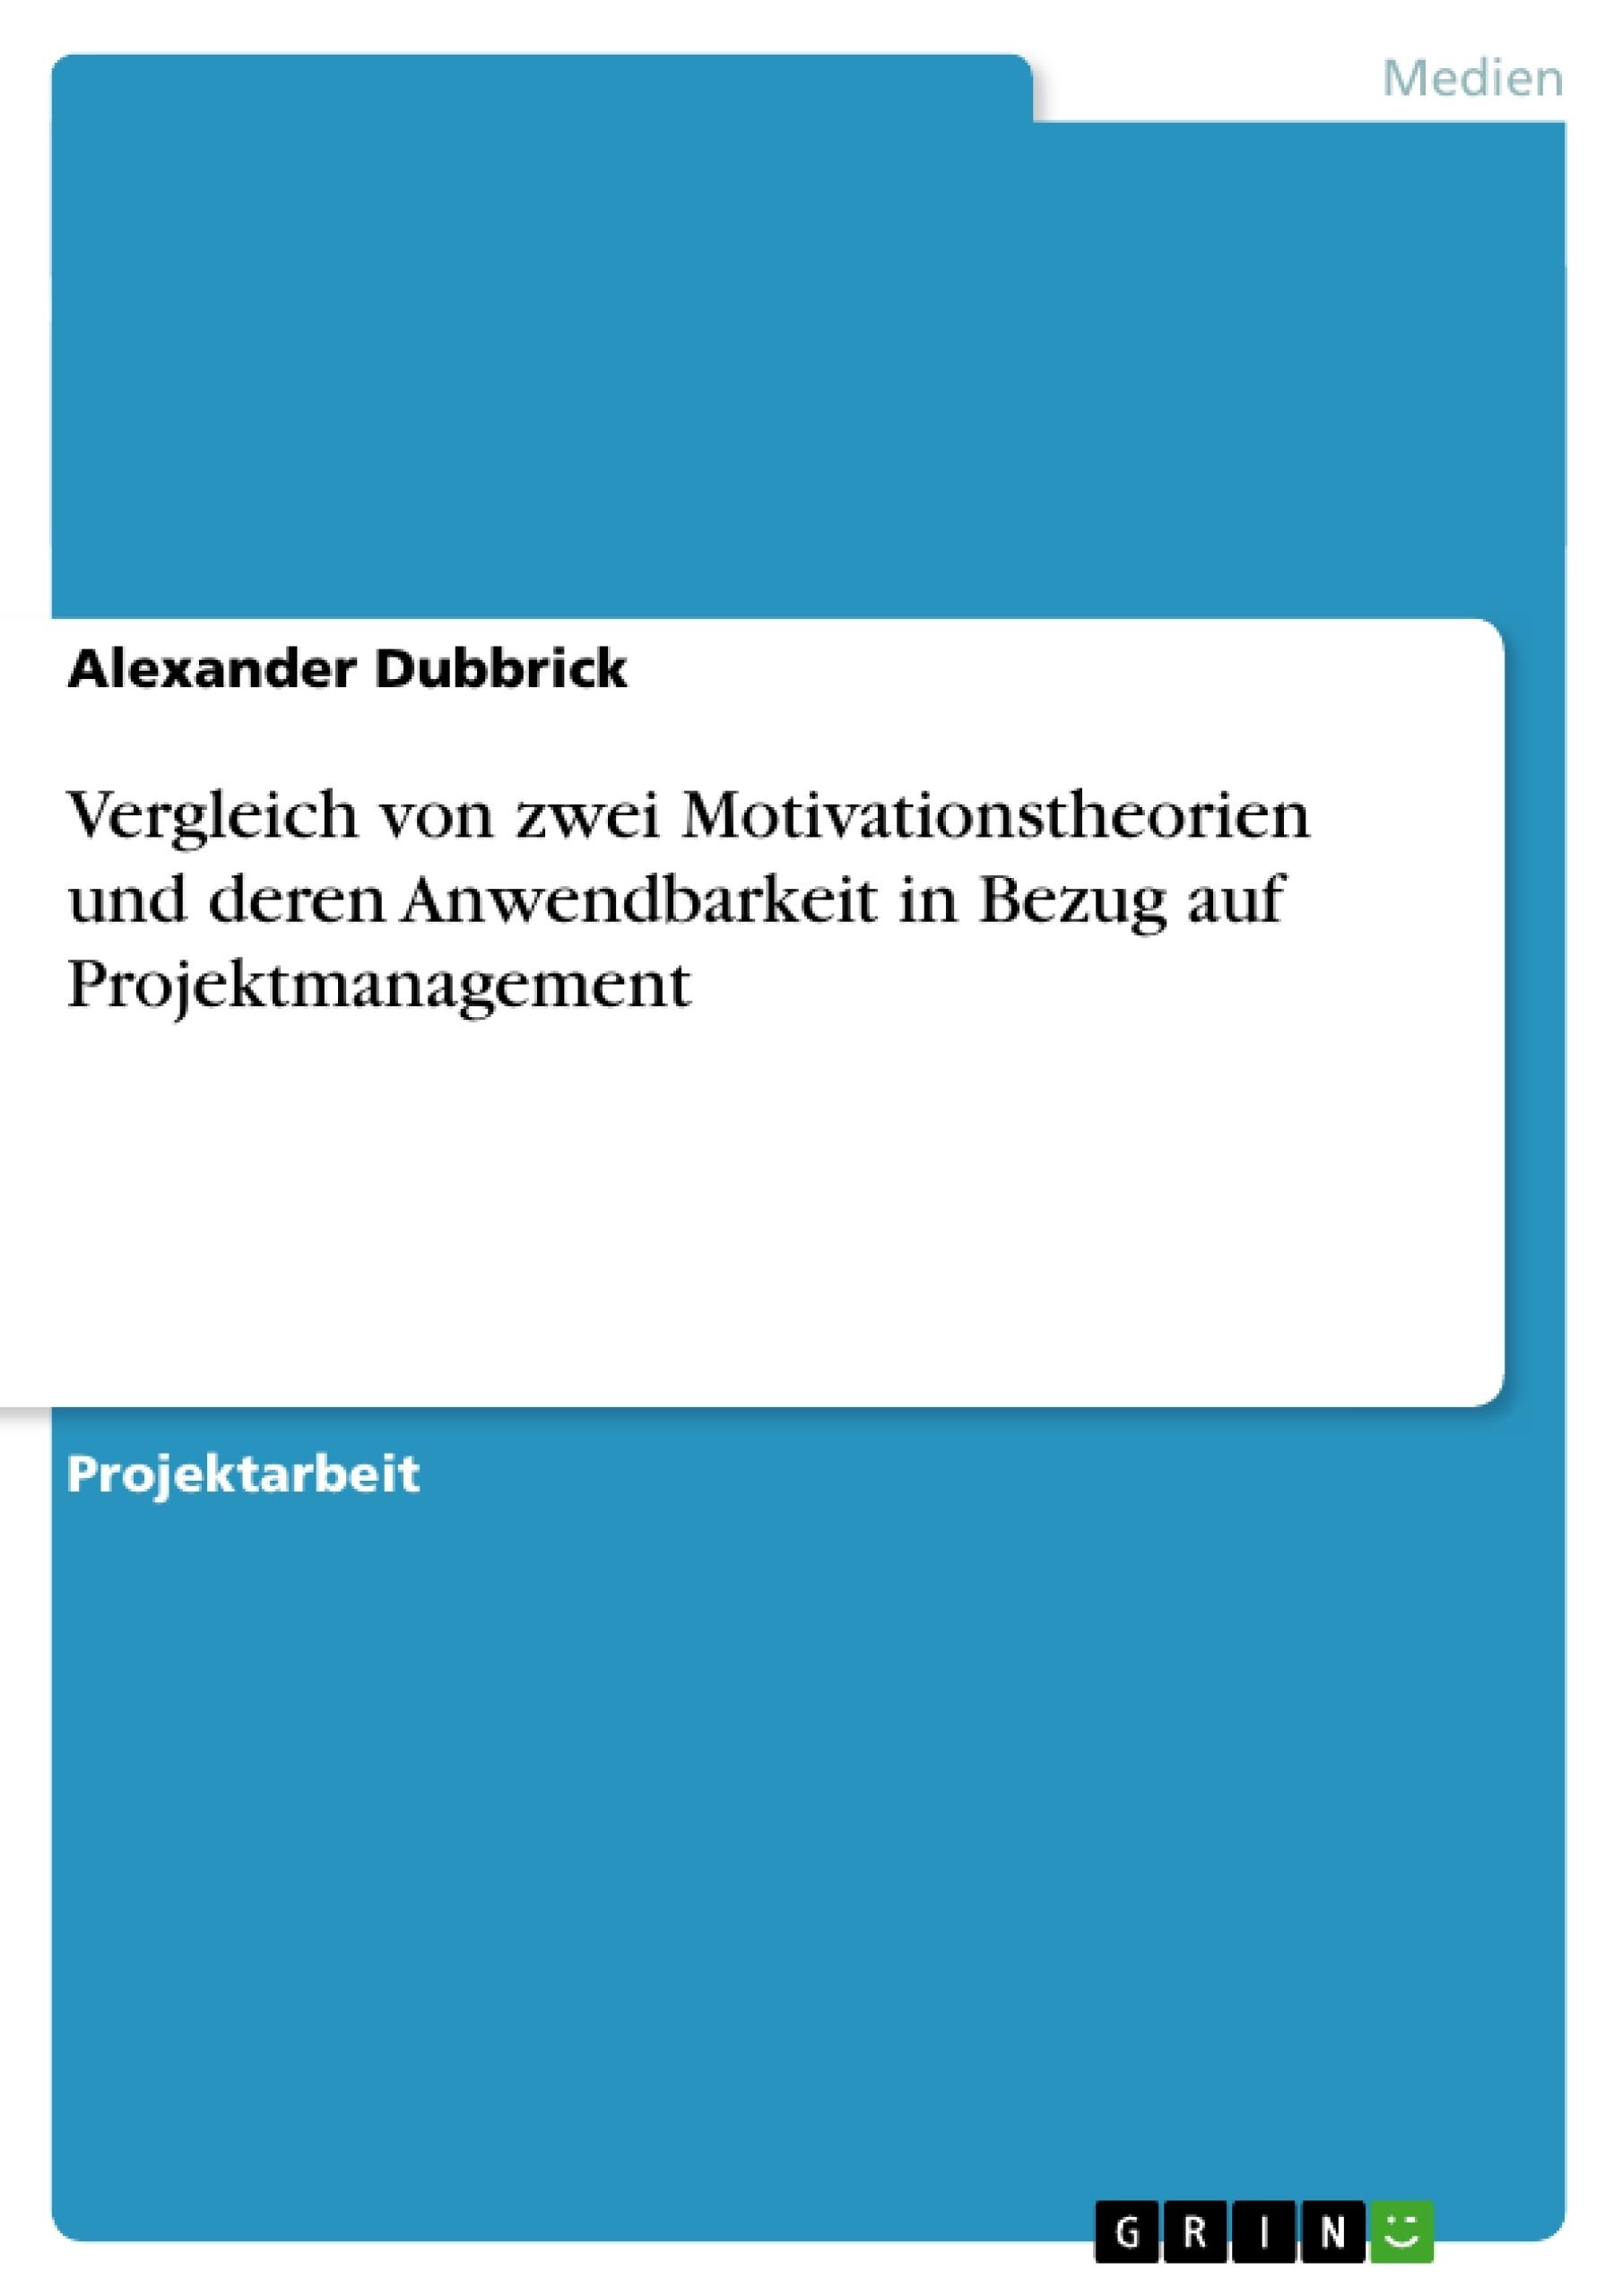 Titel: Vergleich von zwei Motivationstheorien und deren Anwendbarkeit in Bezug auf Projektmanagement